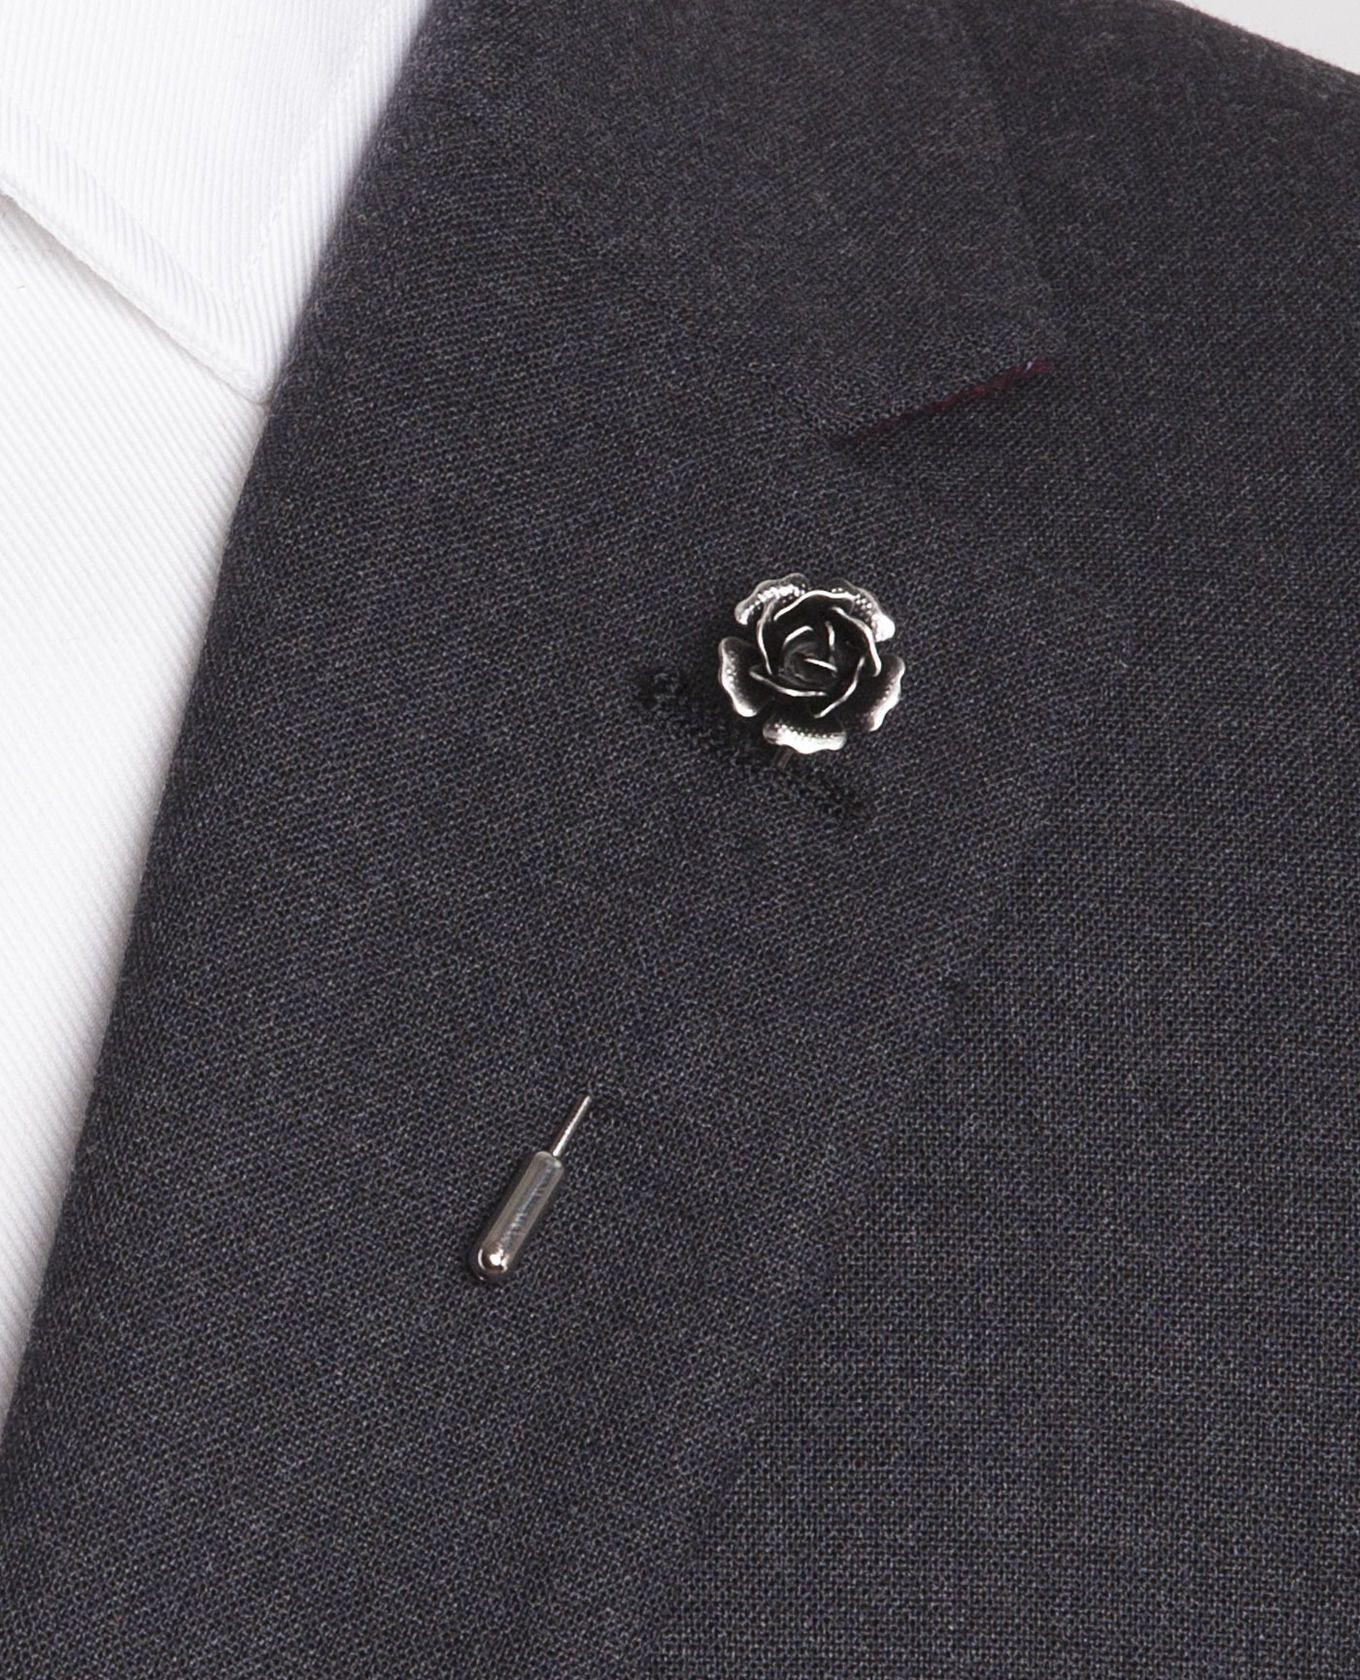 94b8dc9e9412 coat pin brooch,lapel pins on suit,lapel pins india online,lapel pins